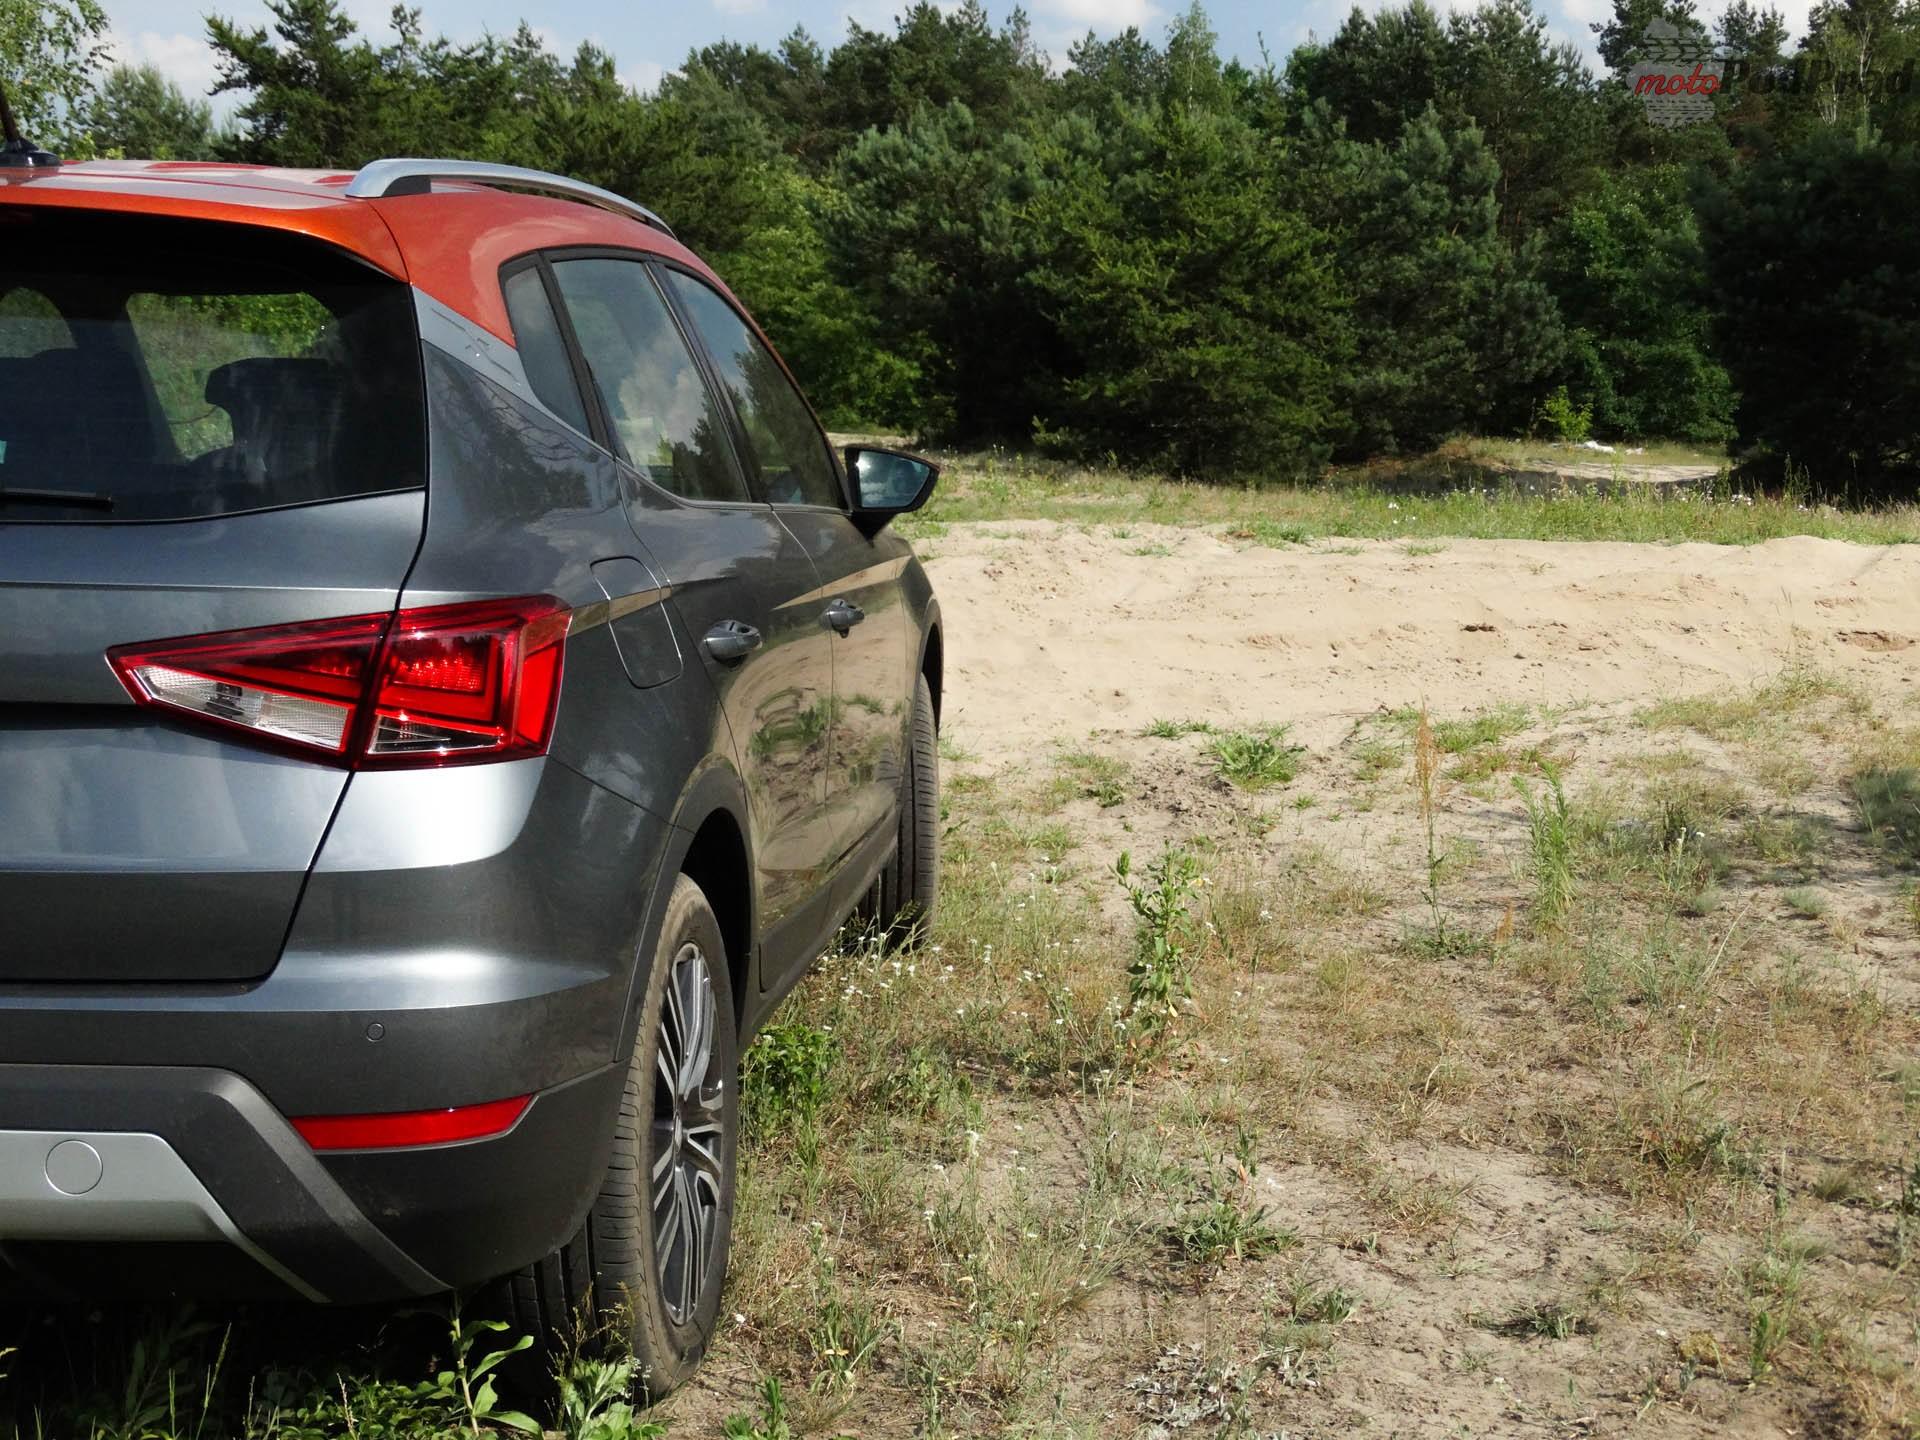 Seat Arona 9 Porównanie: Hyundai Kona 1.0 kontra Seat Arona 1.0